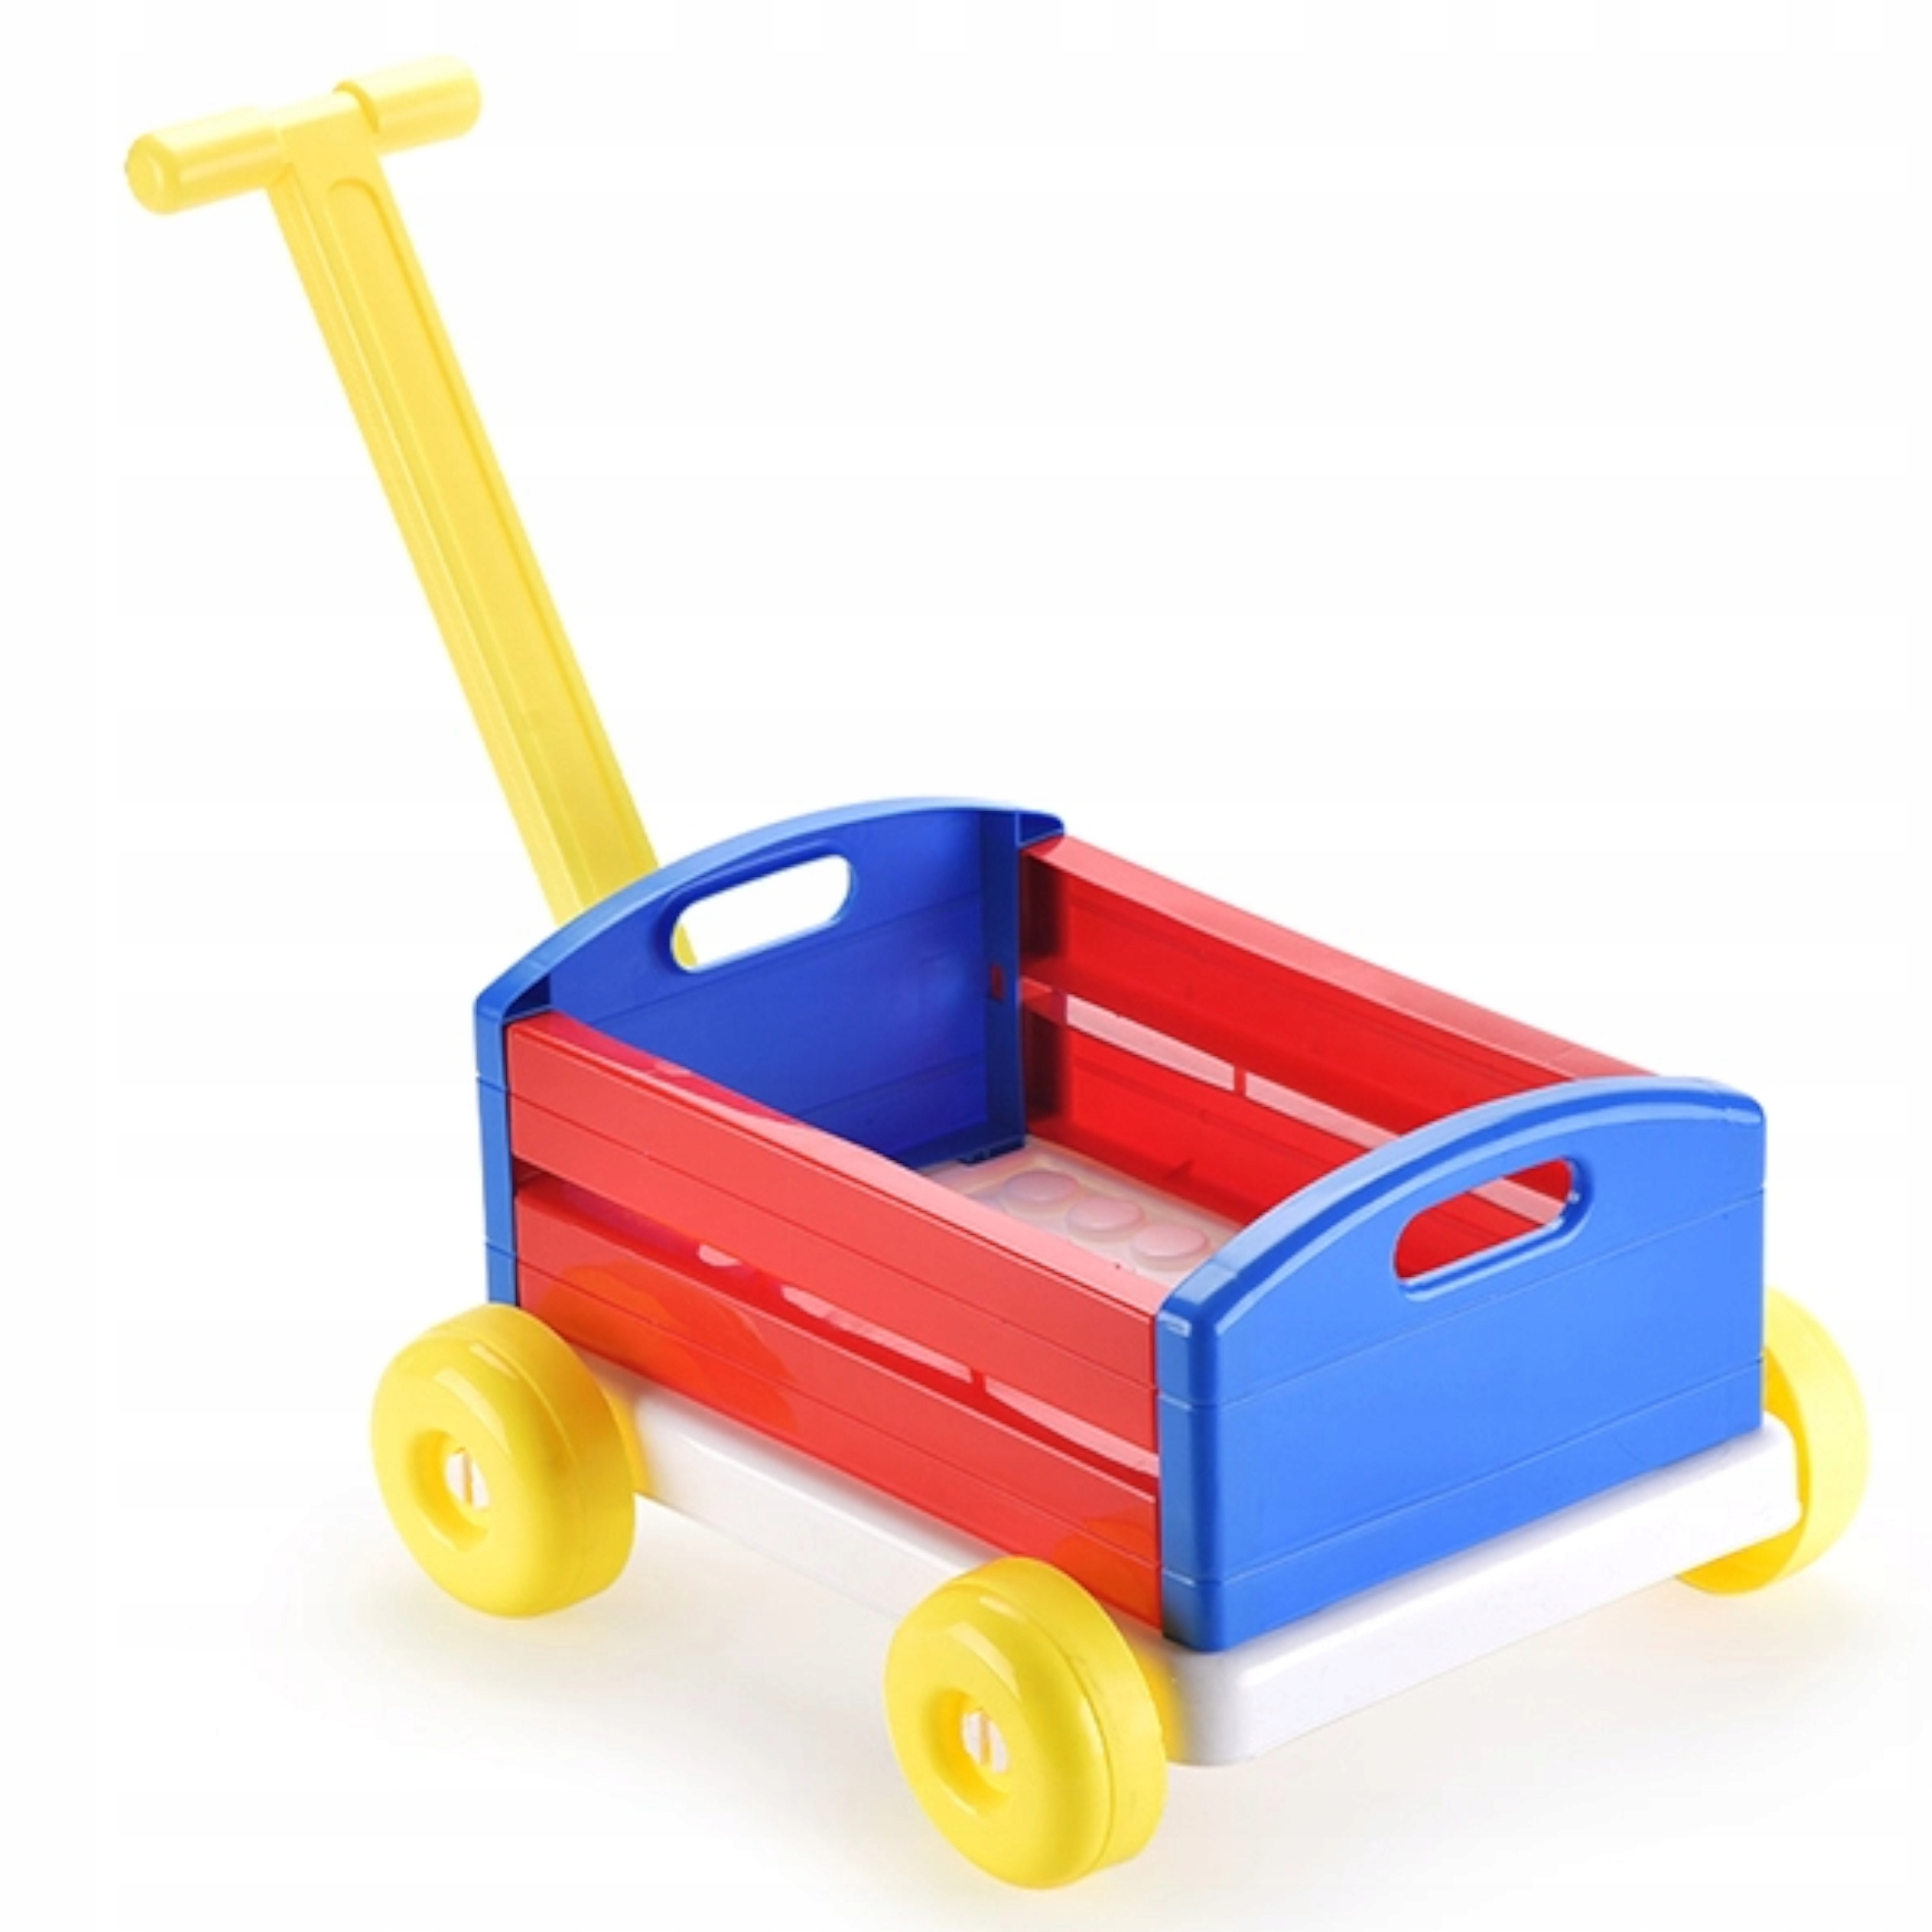 Duży wózek z rączką taczka przyczepa 74 cm 6660-8 Kod producenta 6660-8